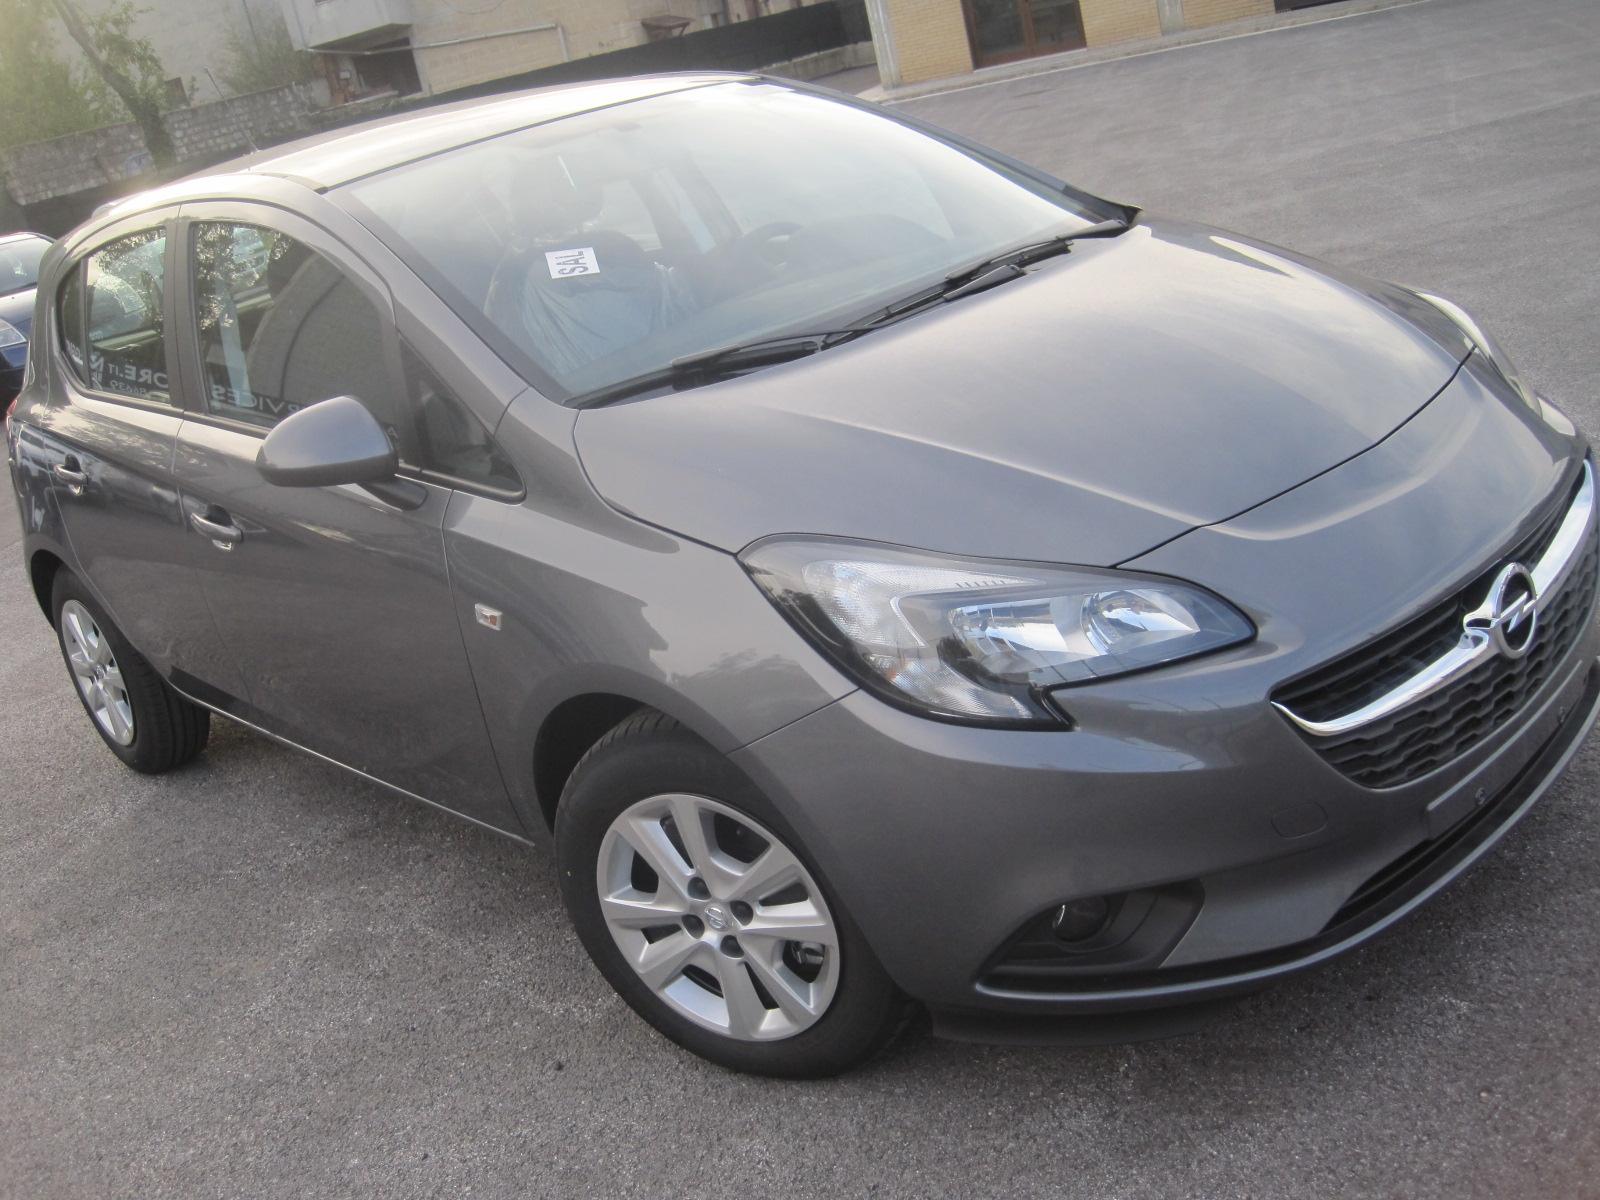 Opel Corsa 1 3 Cdti 95 Cv